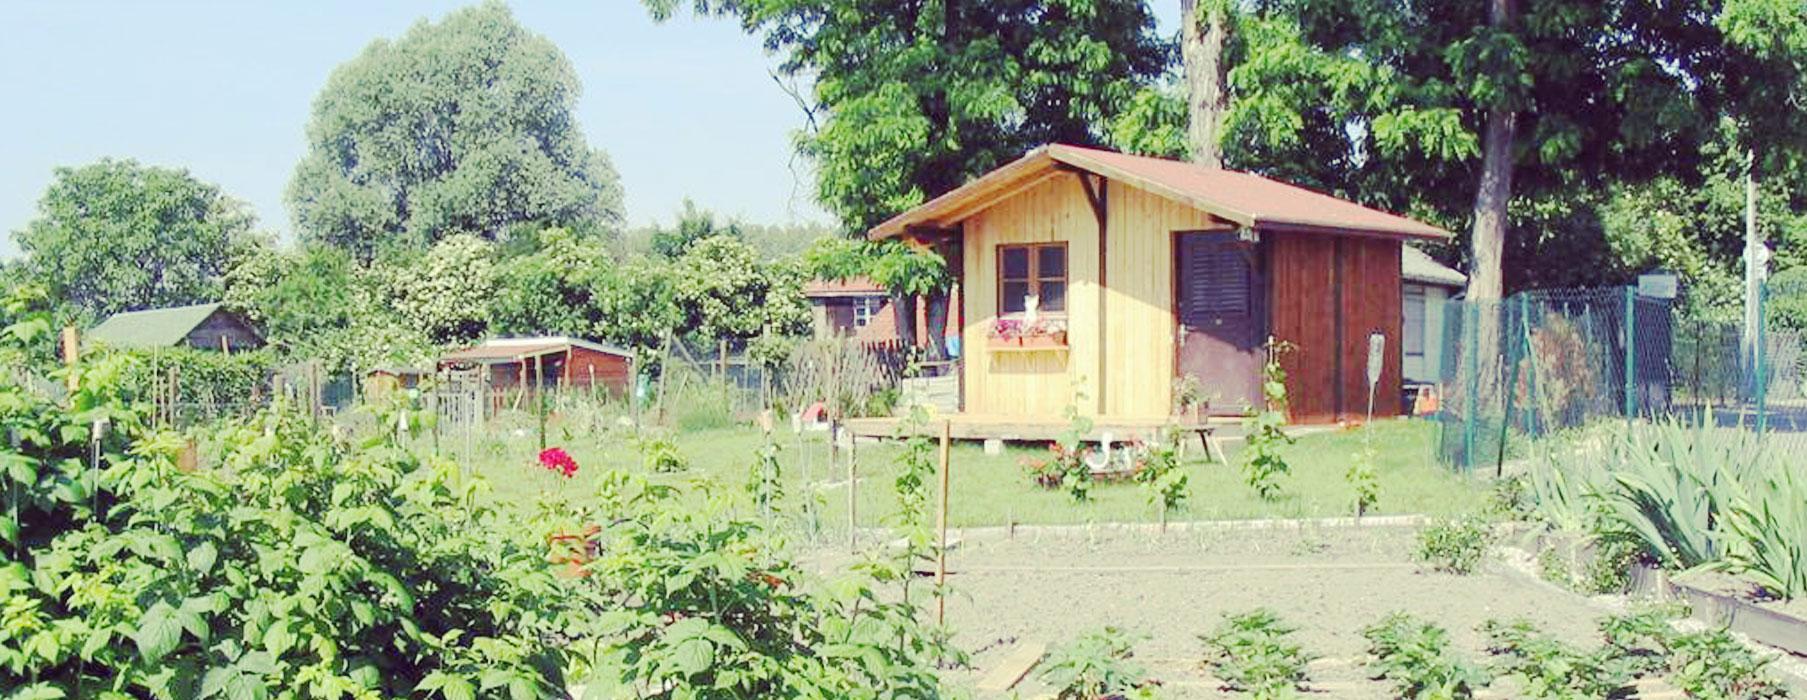 Règlement des jardins traditionnels